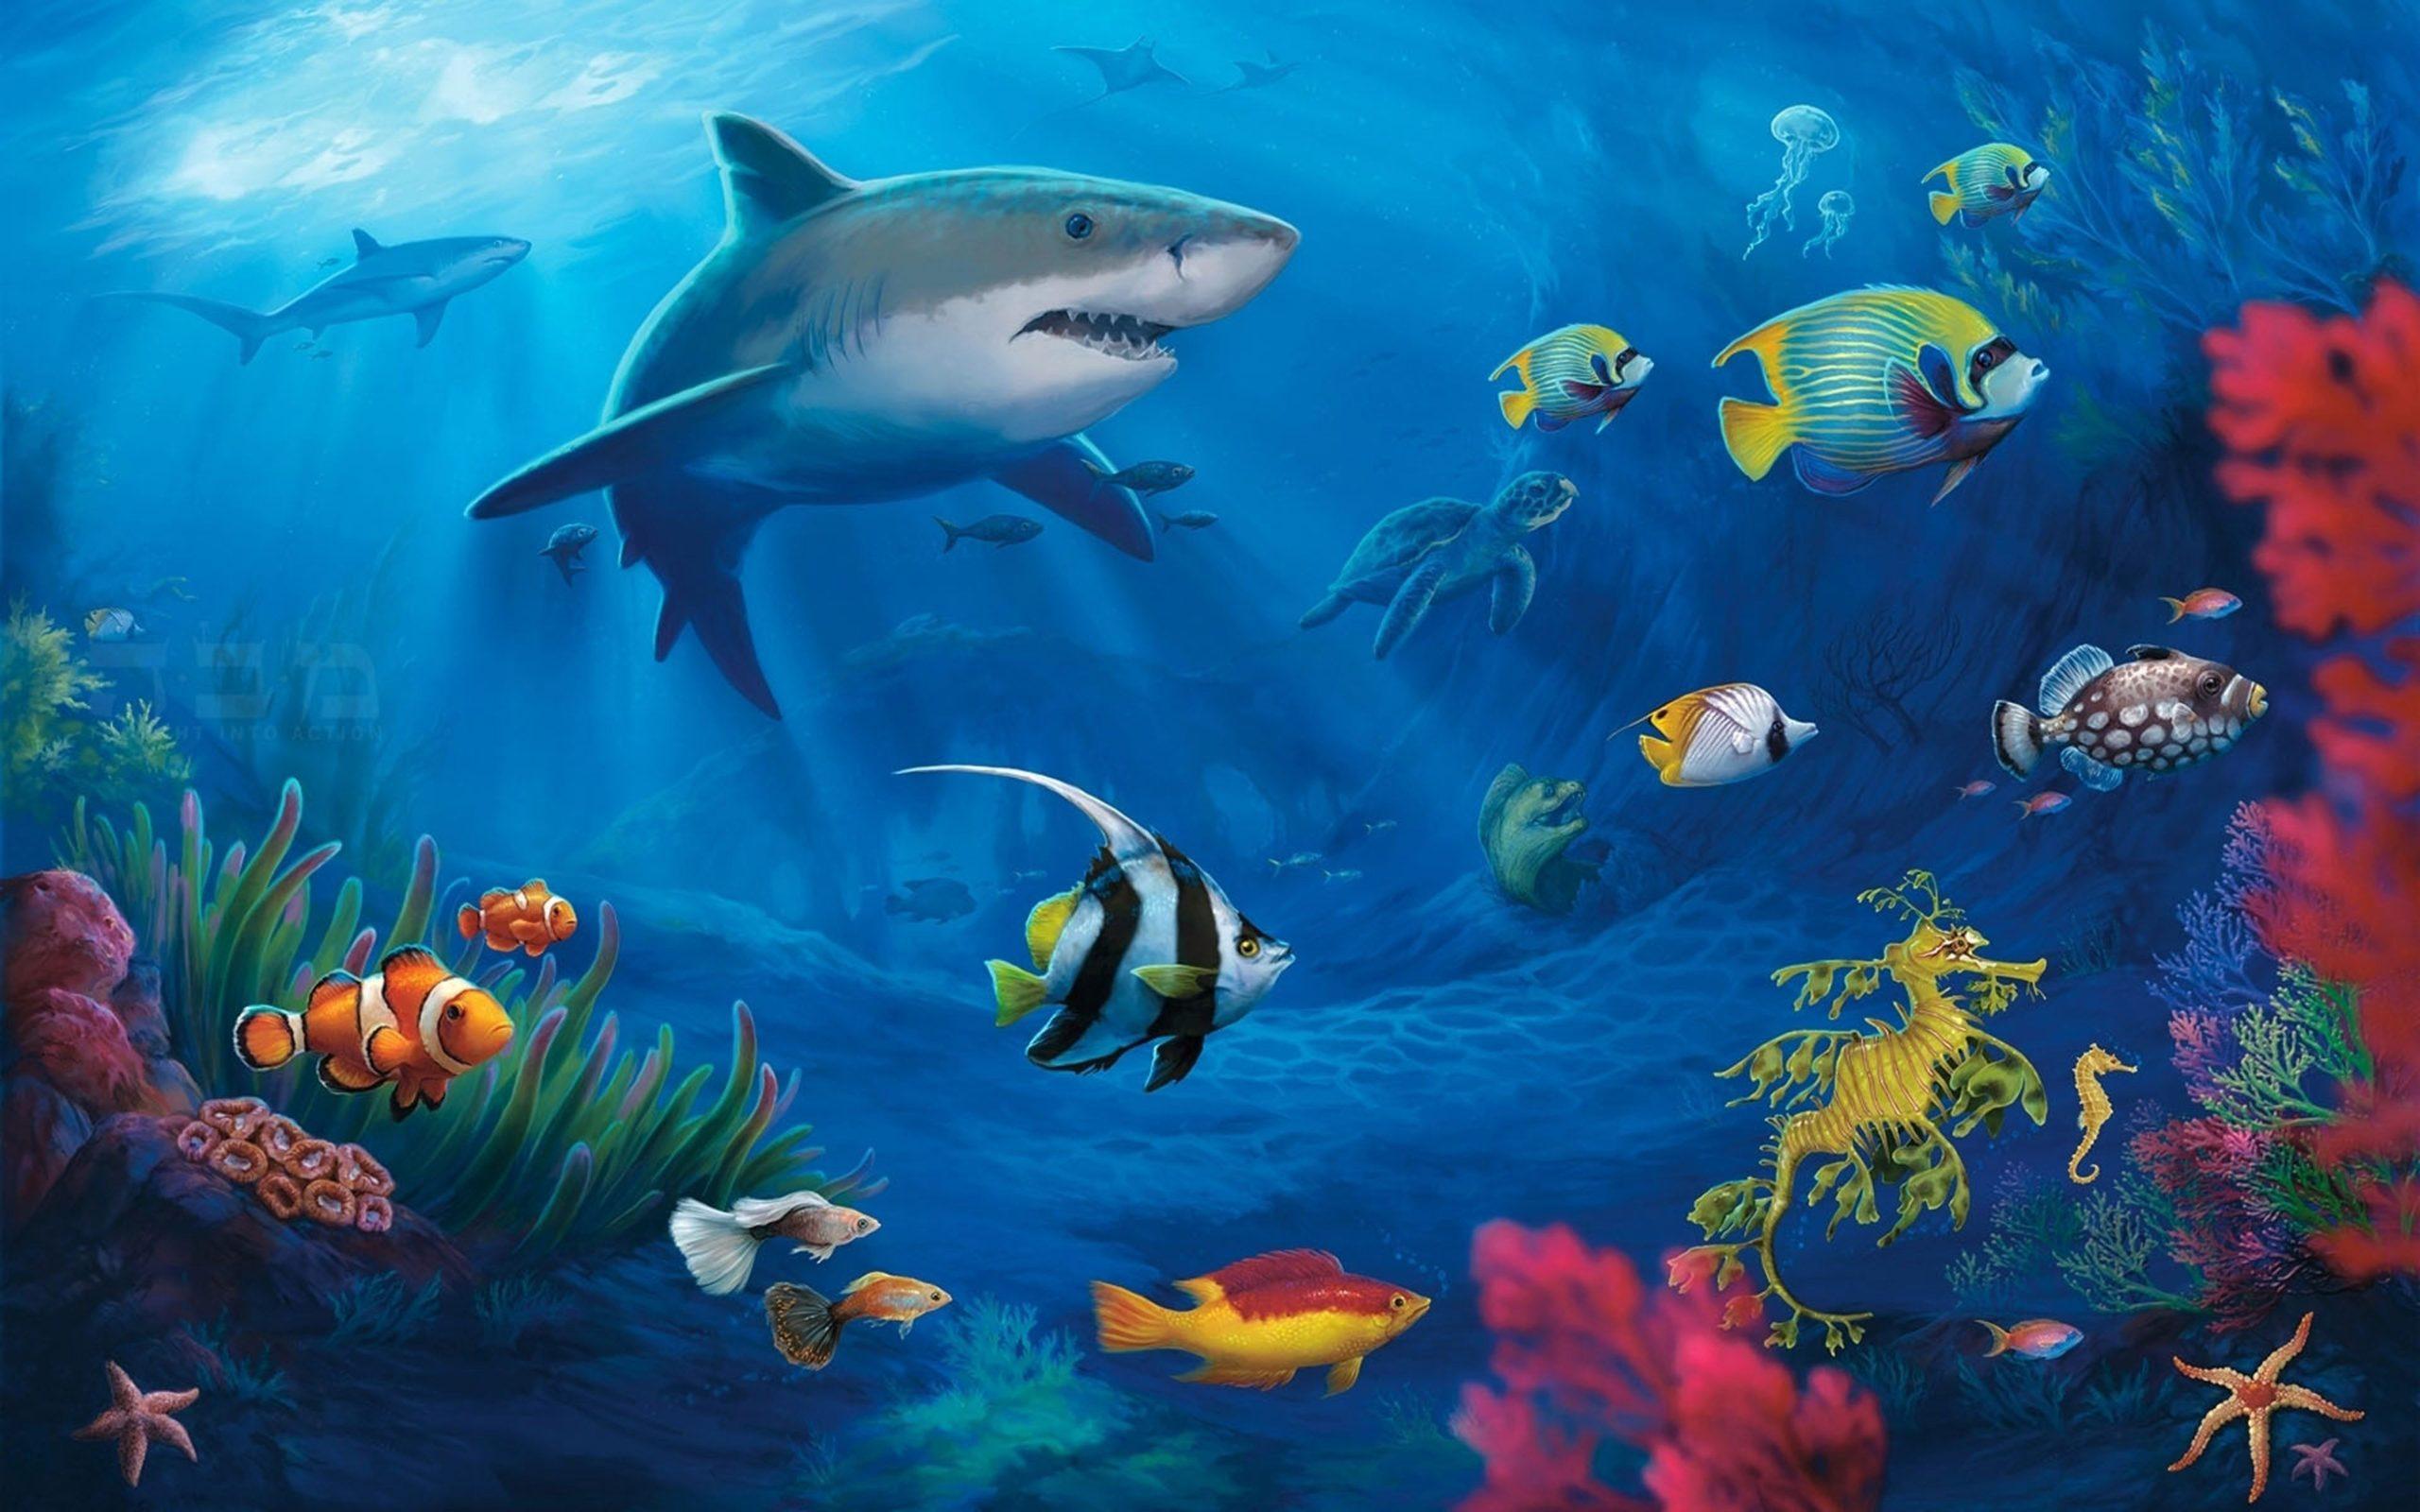 real underwater ocean background